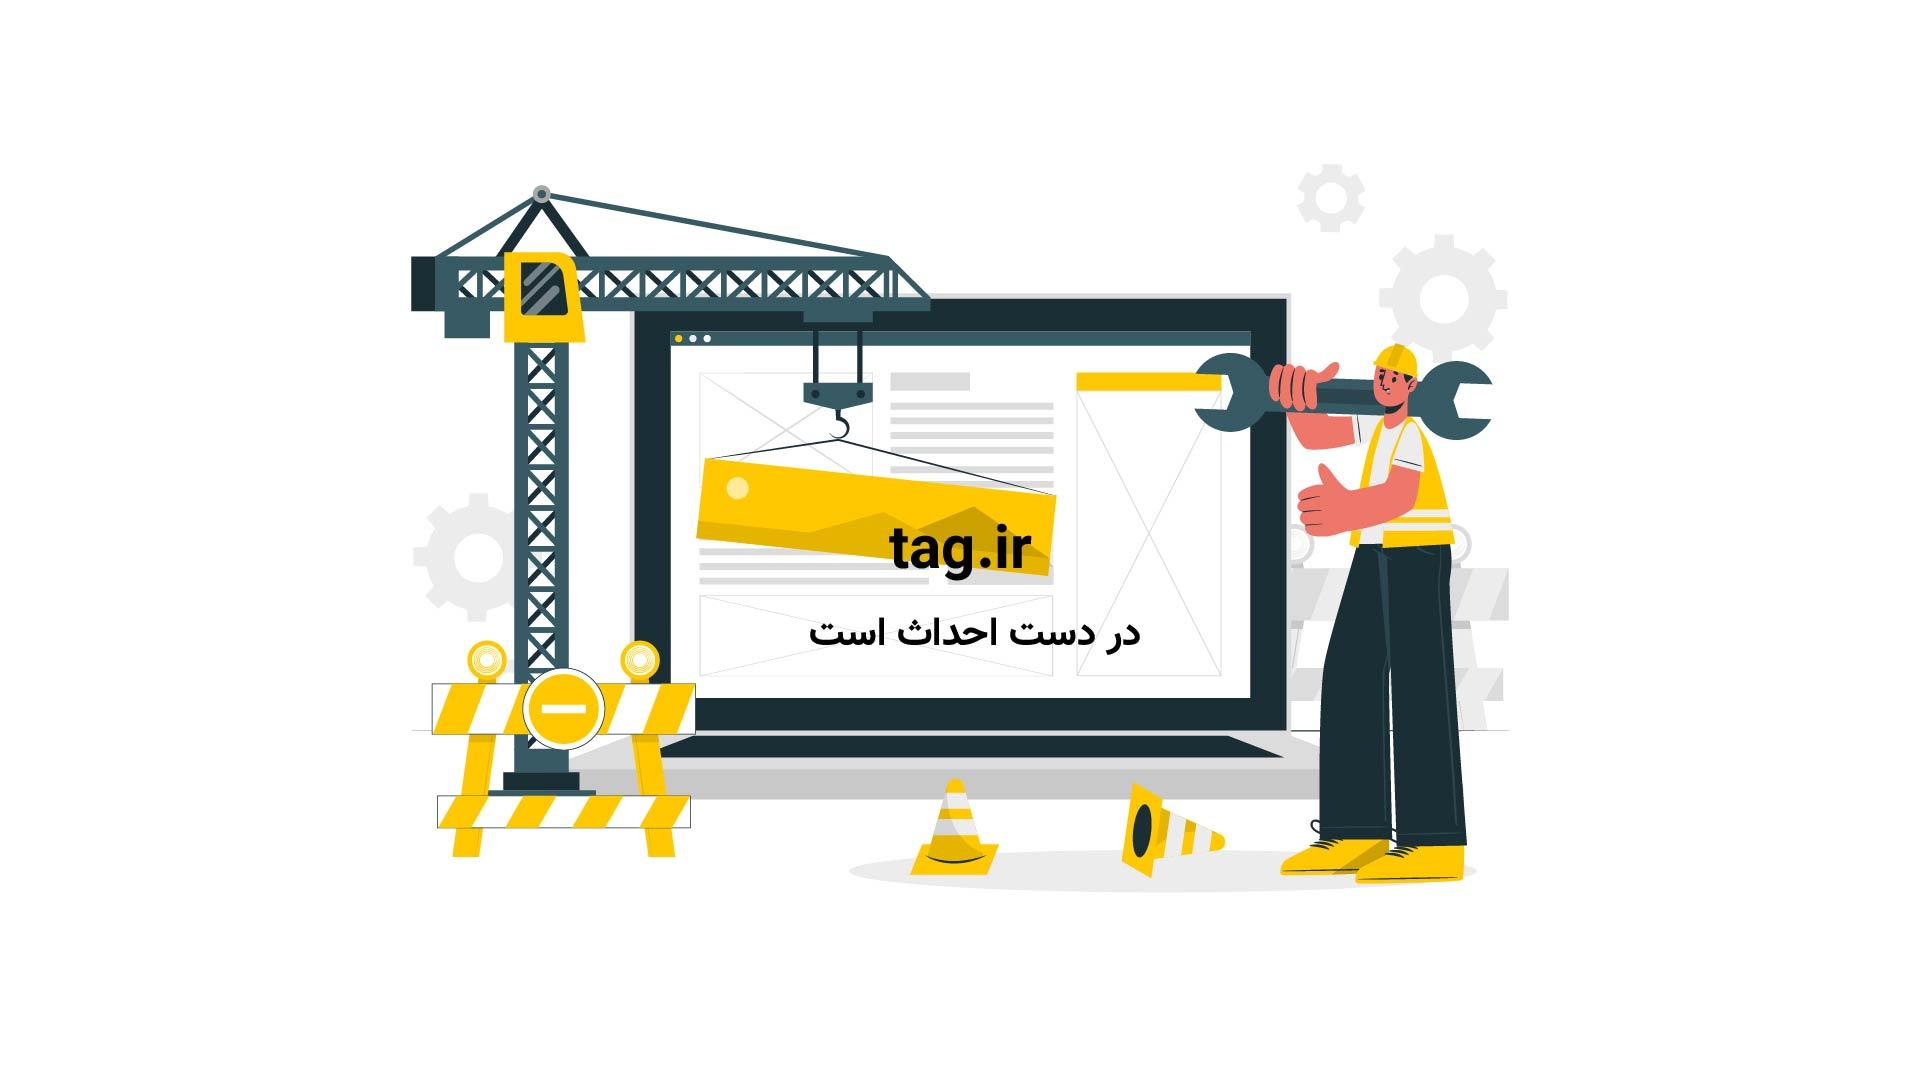 میز متحرک که همانند انسان راه می رود | فیلم